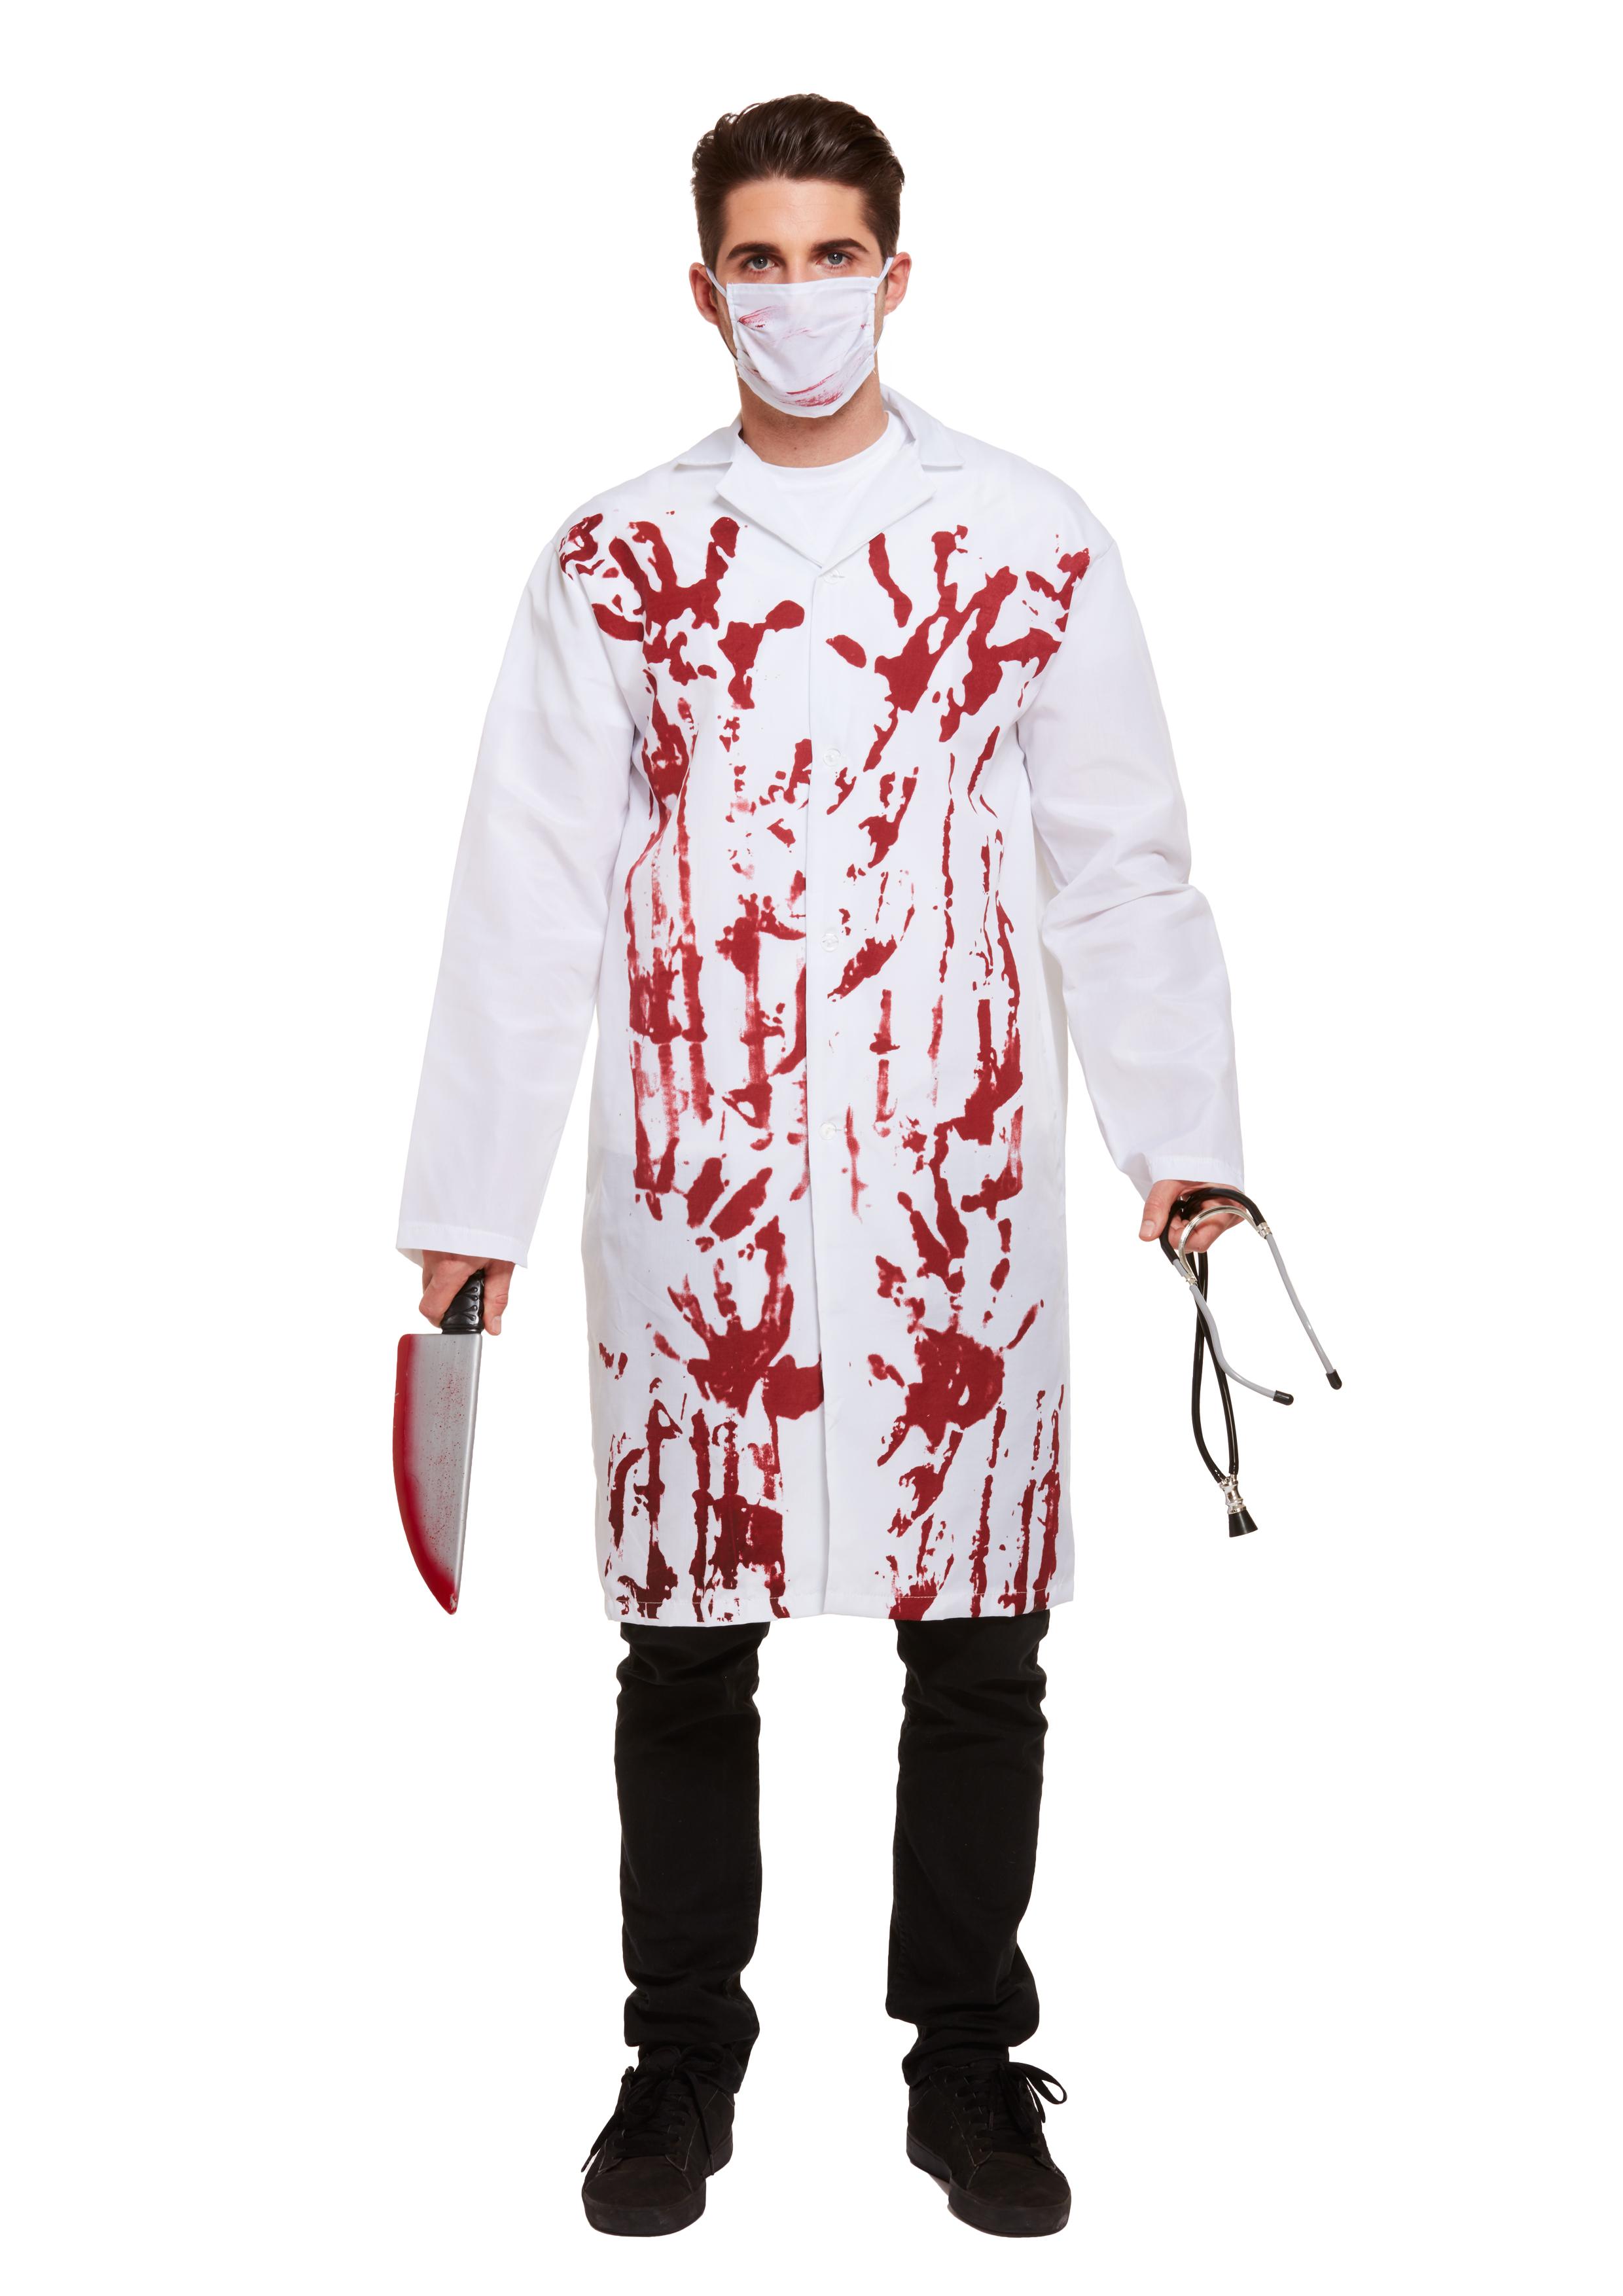 abd0e570d7d7a Doctors & Nurses Costumes | Mega Fancy Dress